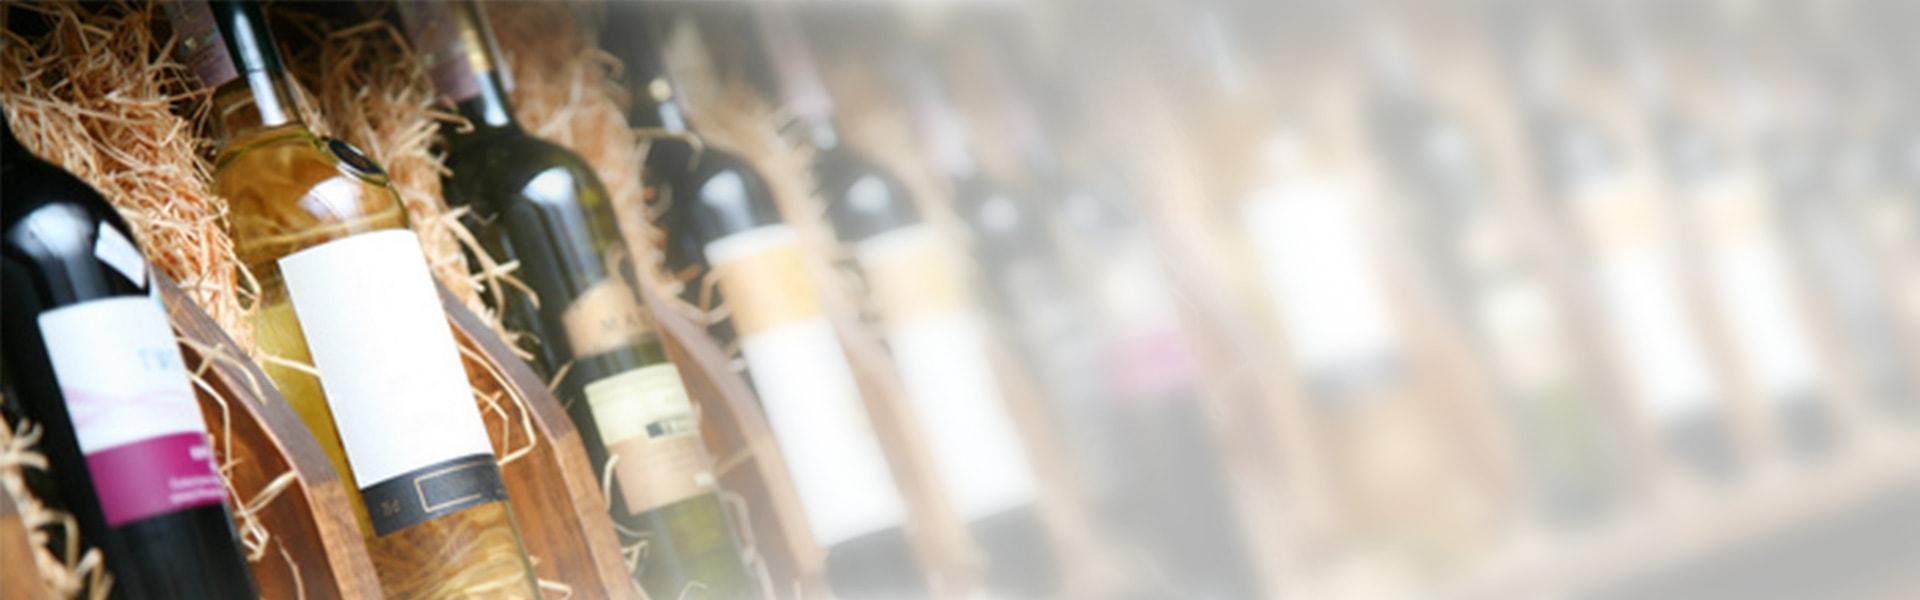 Warenwirtschaft für Weinhandel im E-Commerce und Ladengeschäft